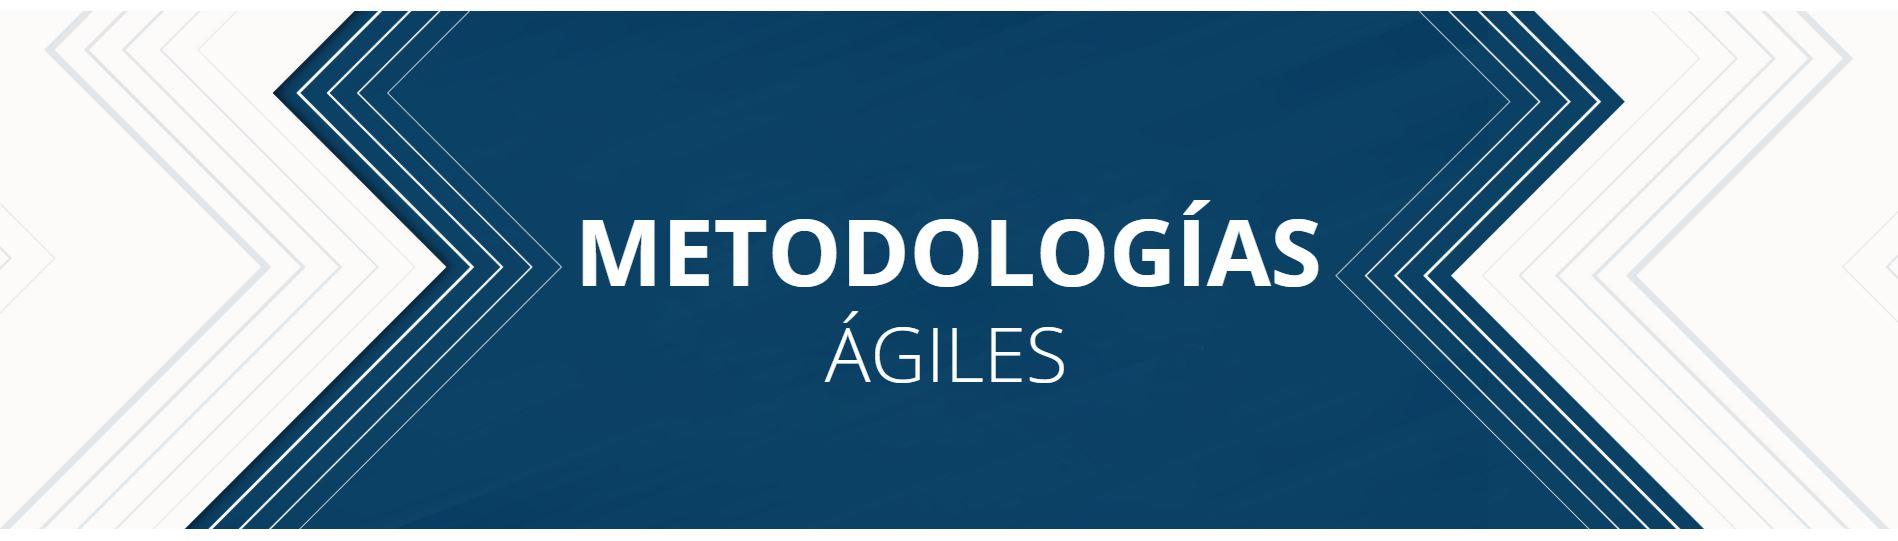 metodlogias agiles